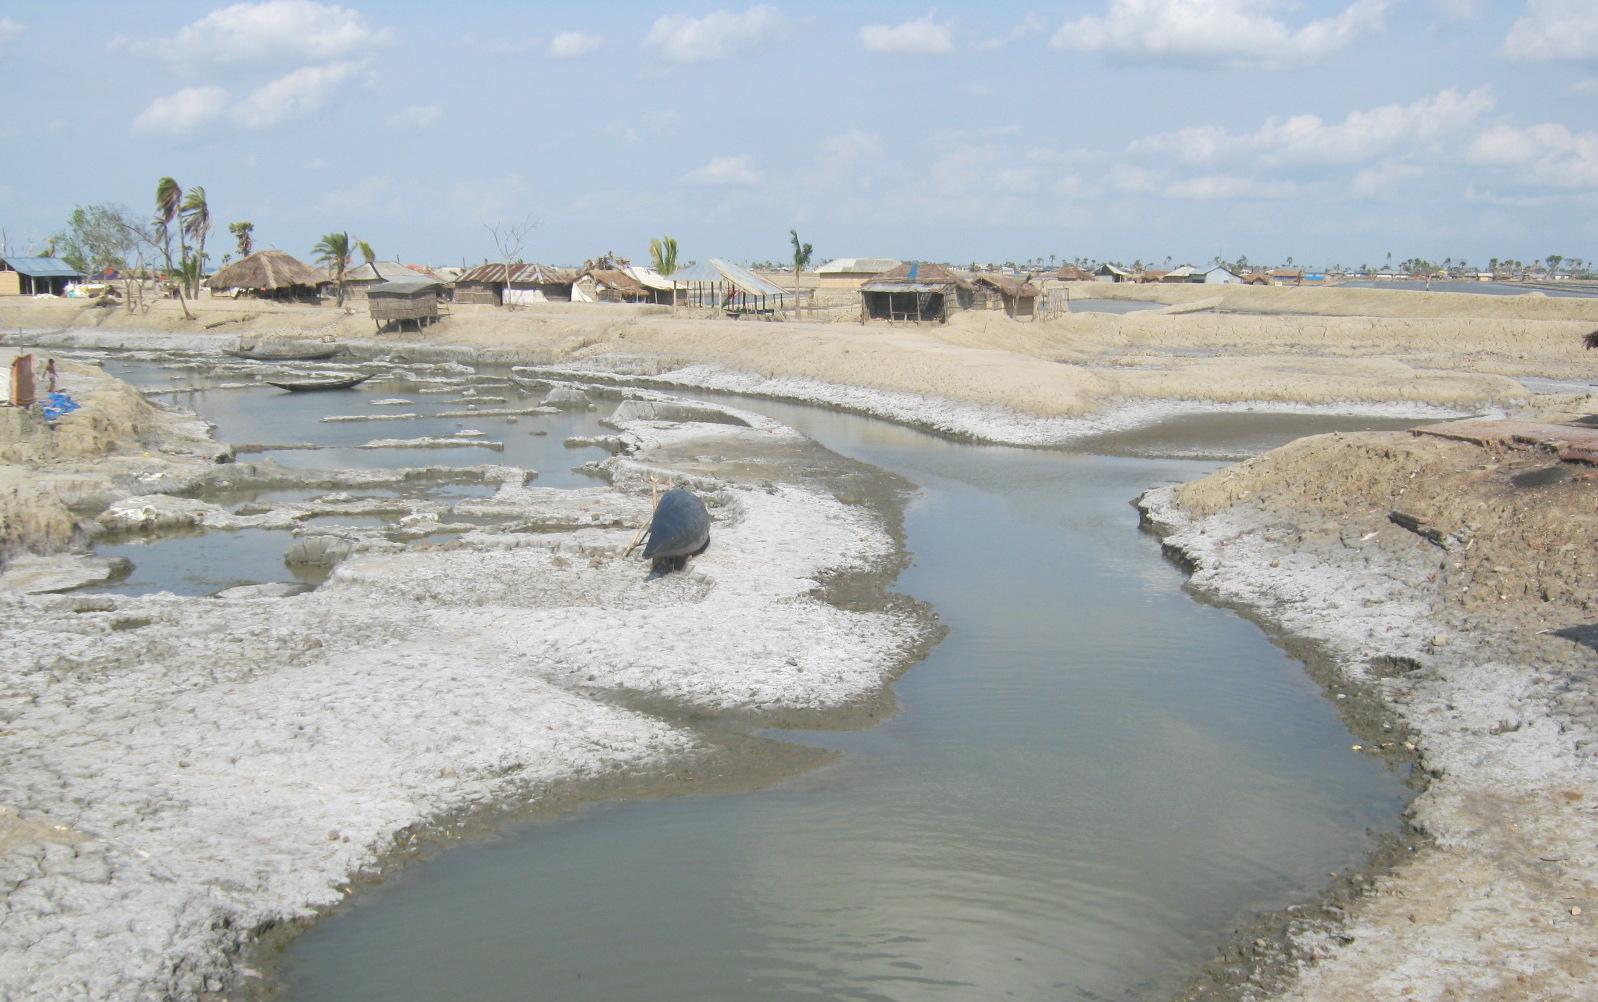 Coastal Bangladesh after cyclone